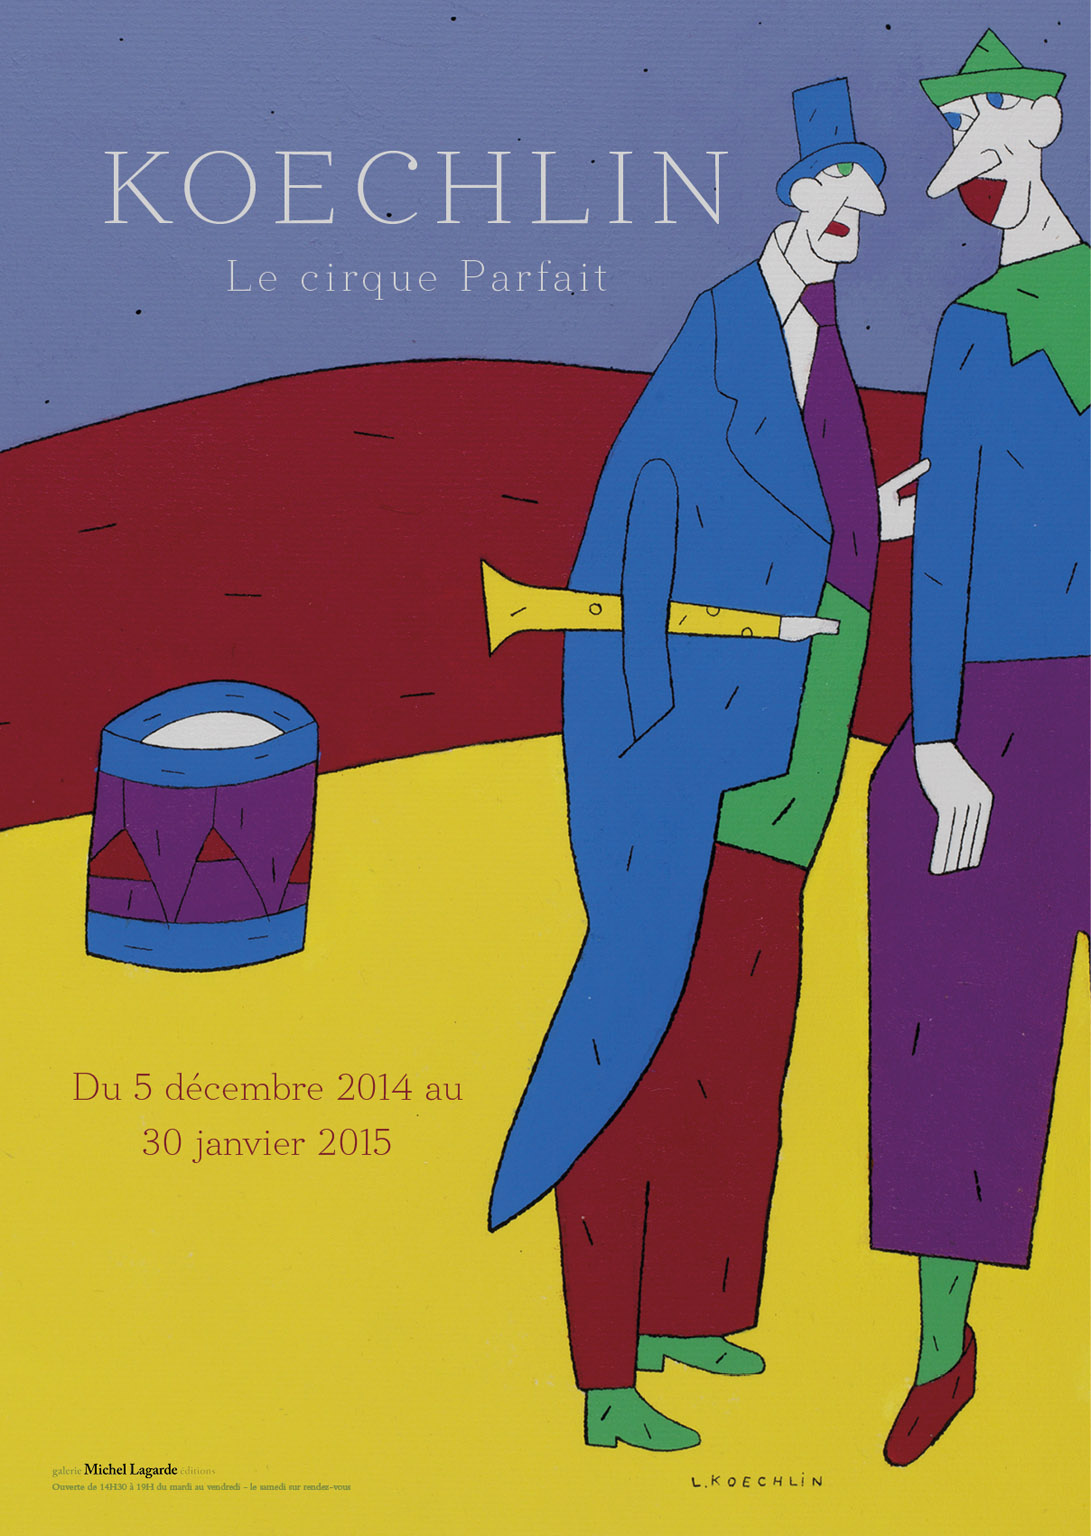 Lionel Koechlin | Le cirque Parfait Vernissage le 4 décembre à partir de 19H. Exposition du 5 décembre au 30 janvier 2015.